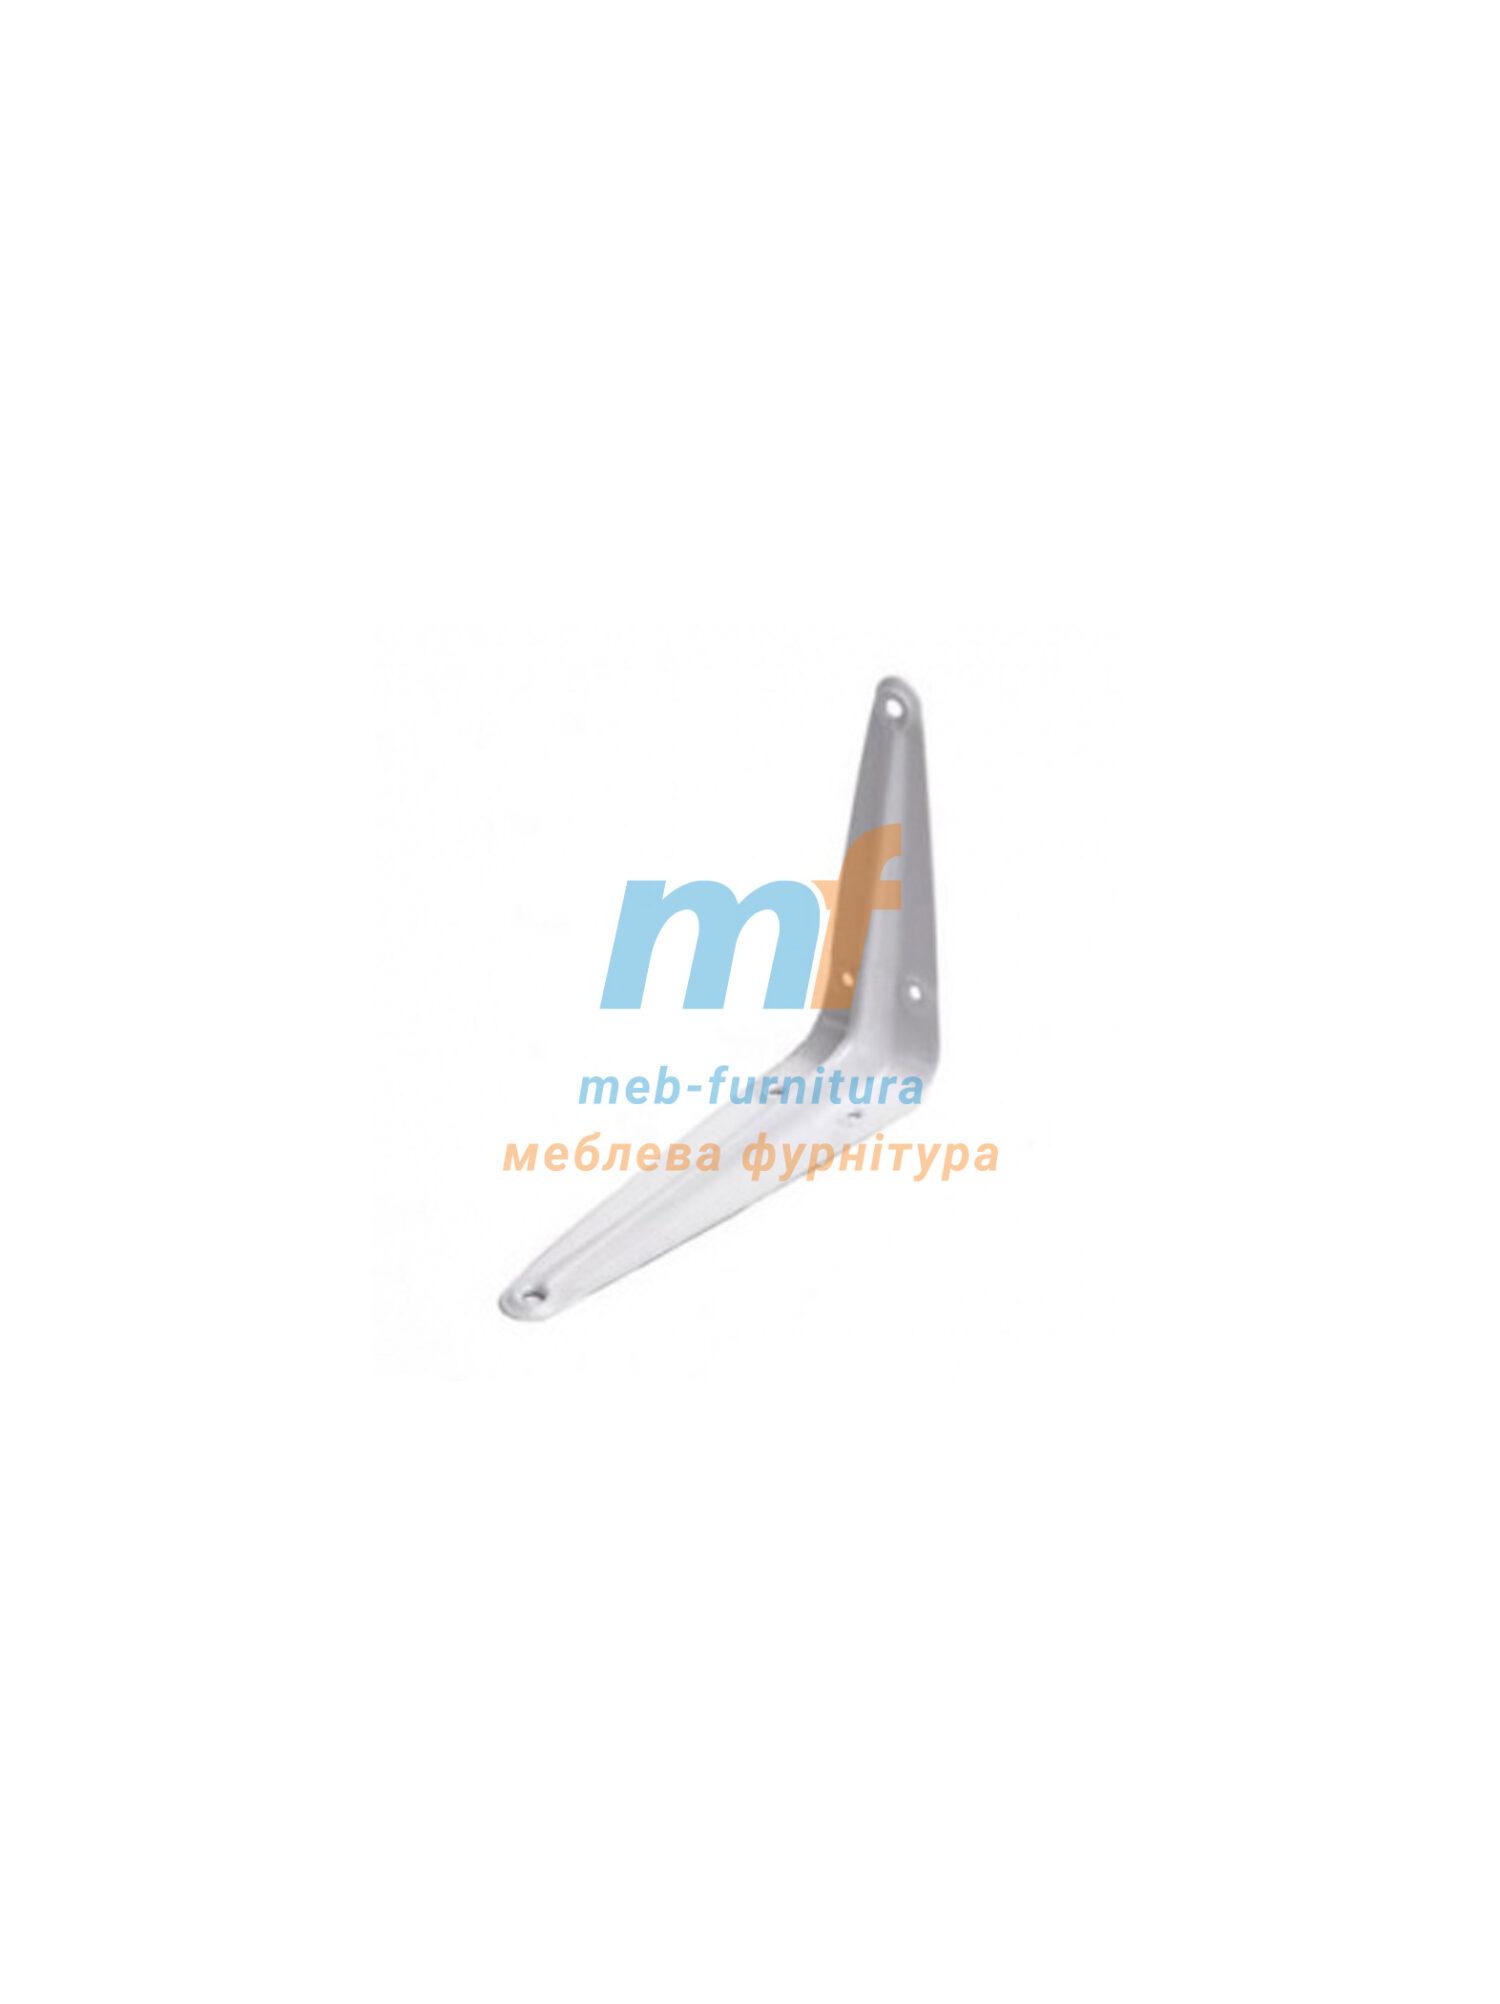 Консоль-полкодержатель металлический (3х4) 75х100мм бельй Польша